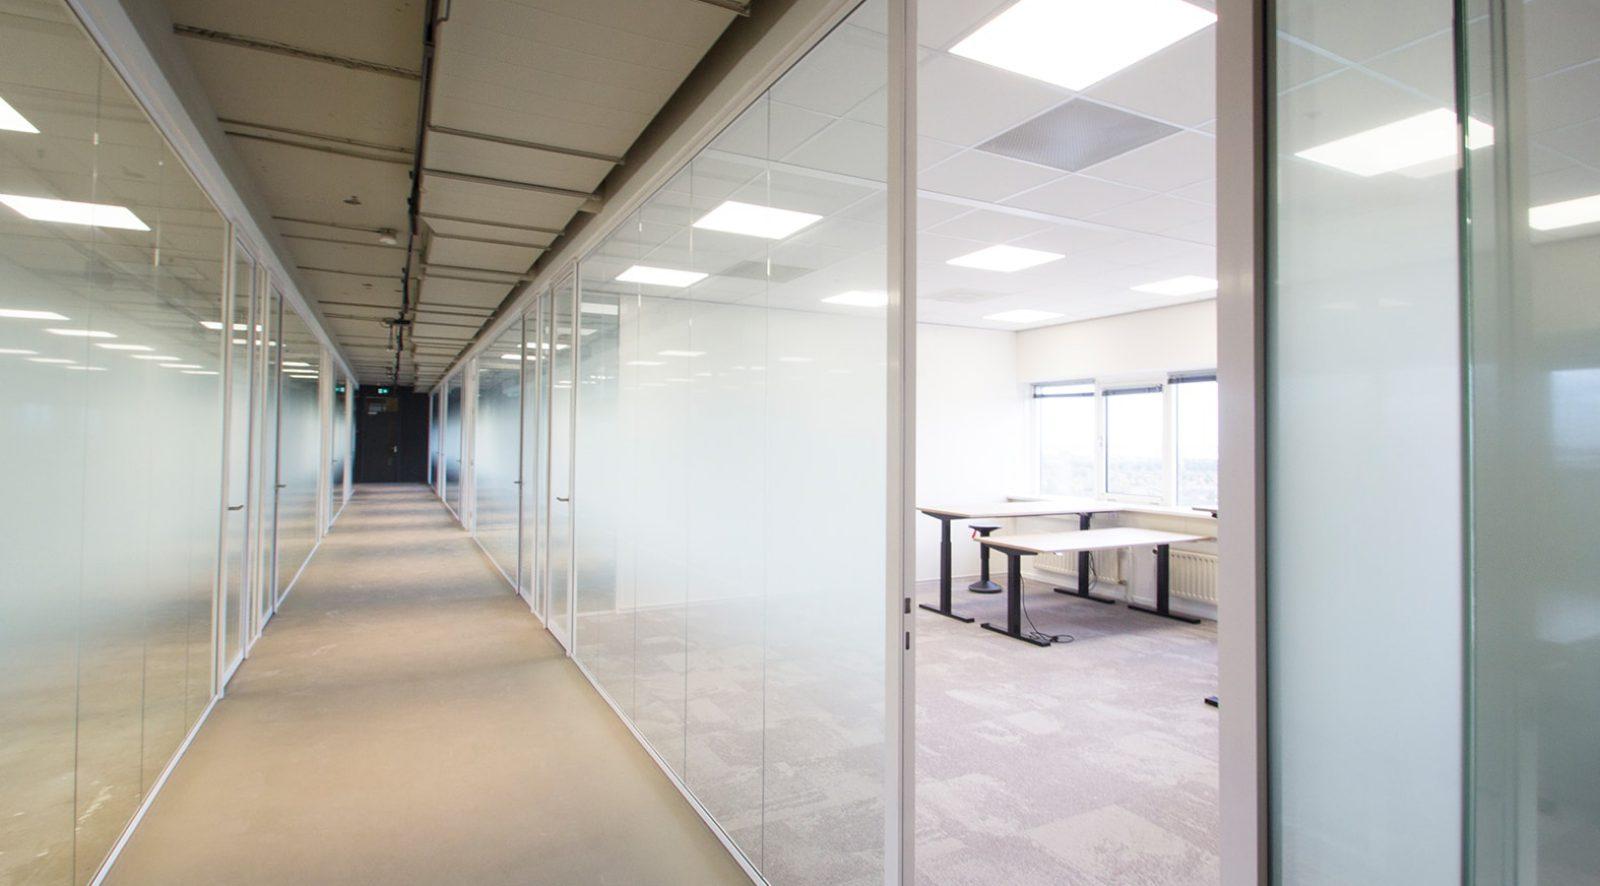 Kantoorruimte huren in Zoetermeer | Crown Business Center Zoetermeer